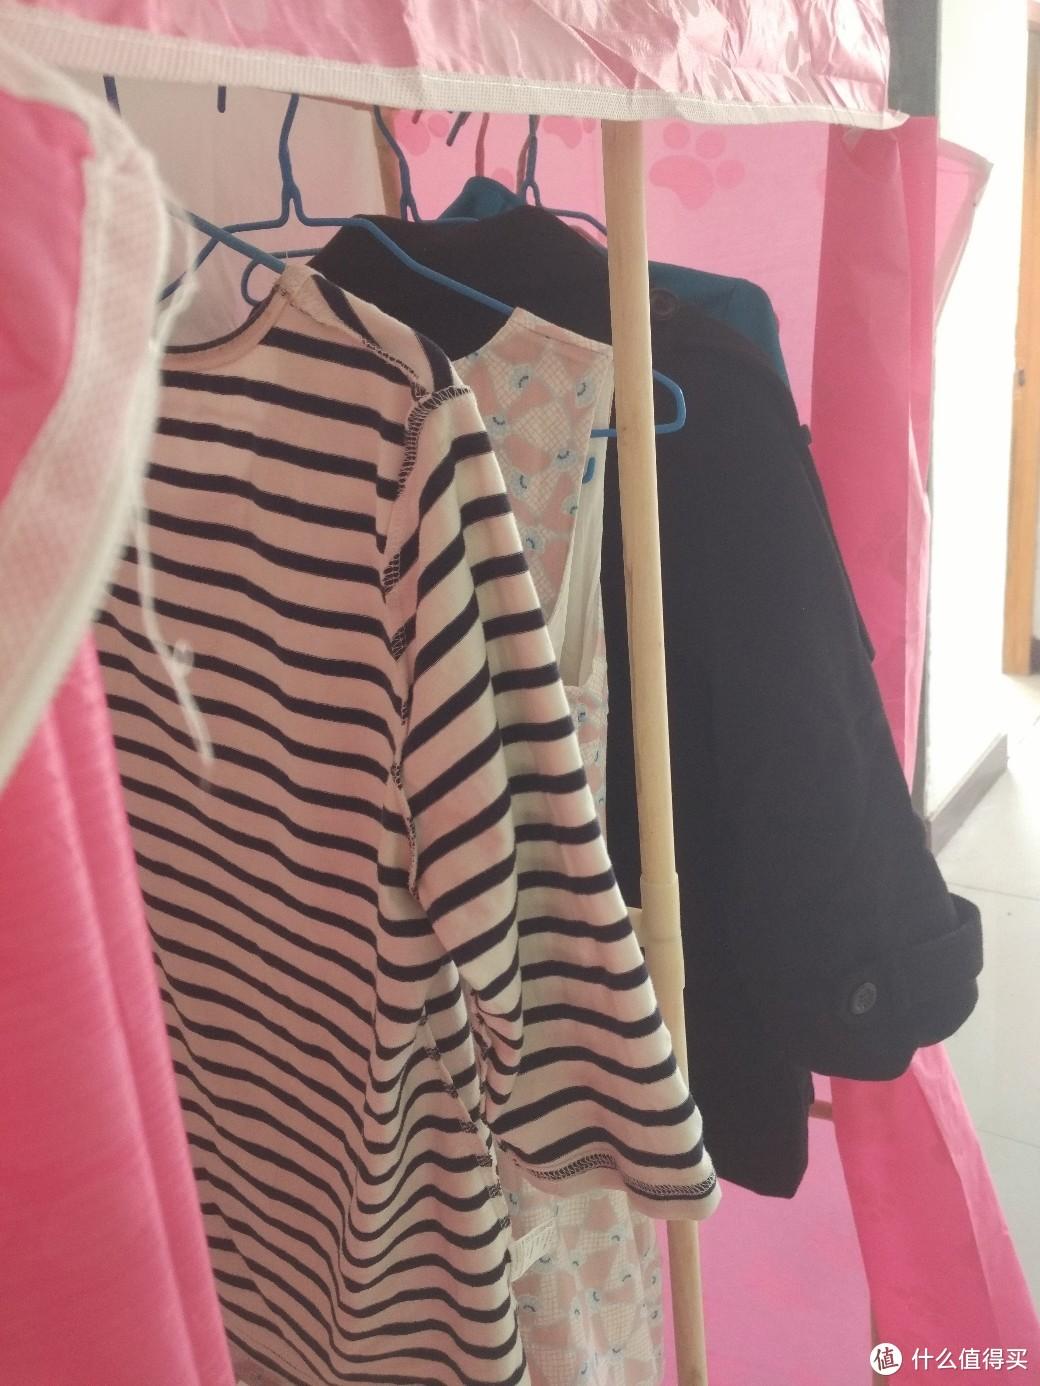 袖子伸出了衣柜